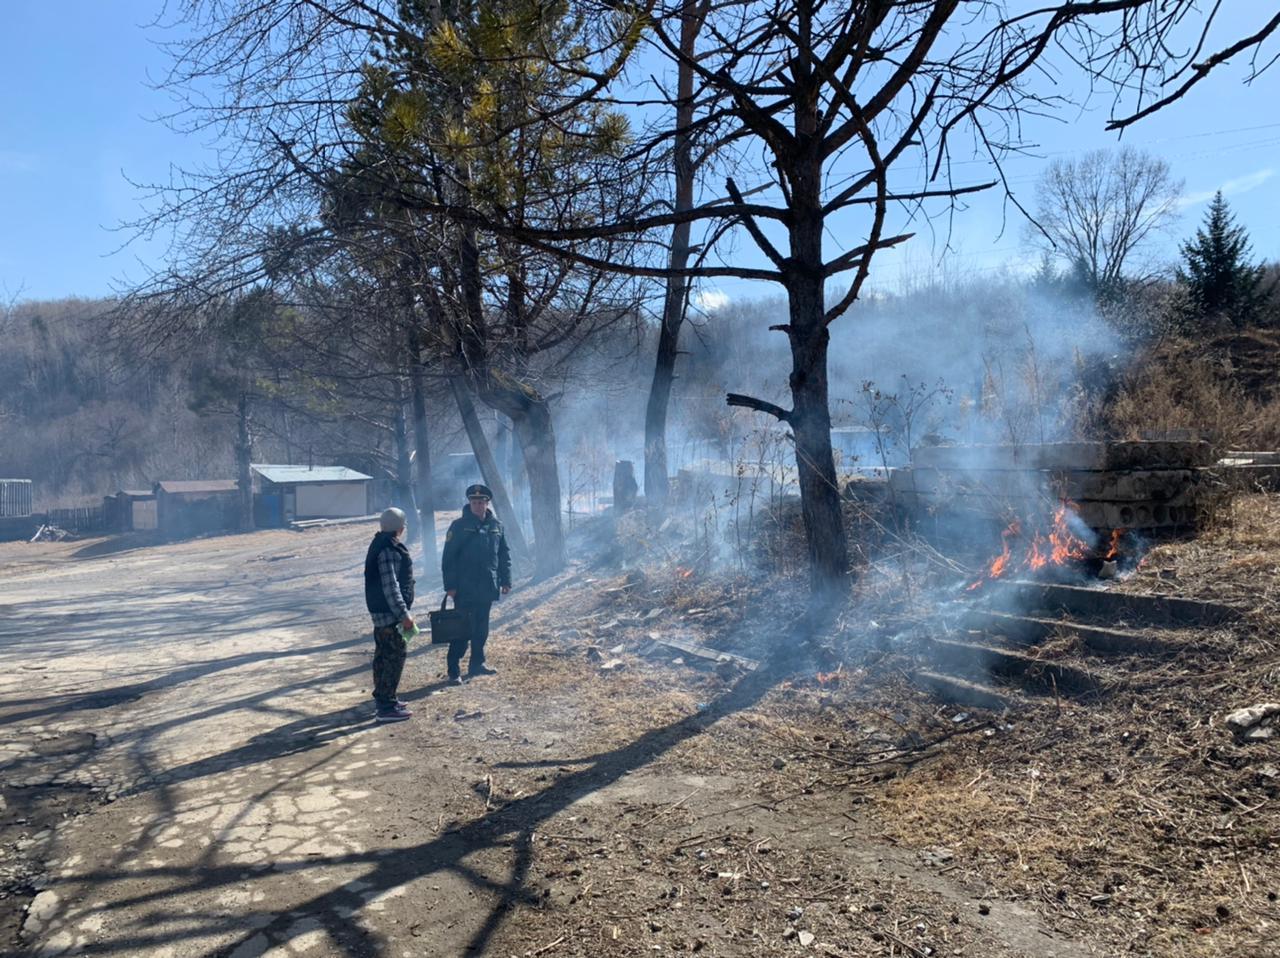 Привлекли к ответственности за поджог травы жительницу поселка в Облученском районе ЕАО